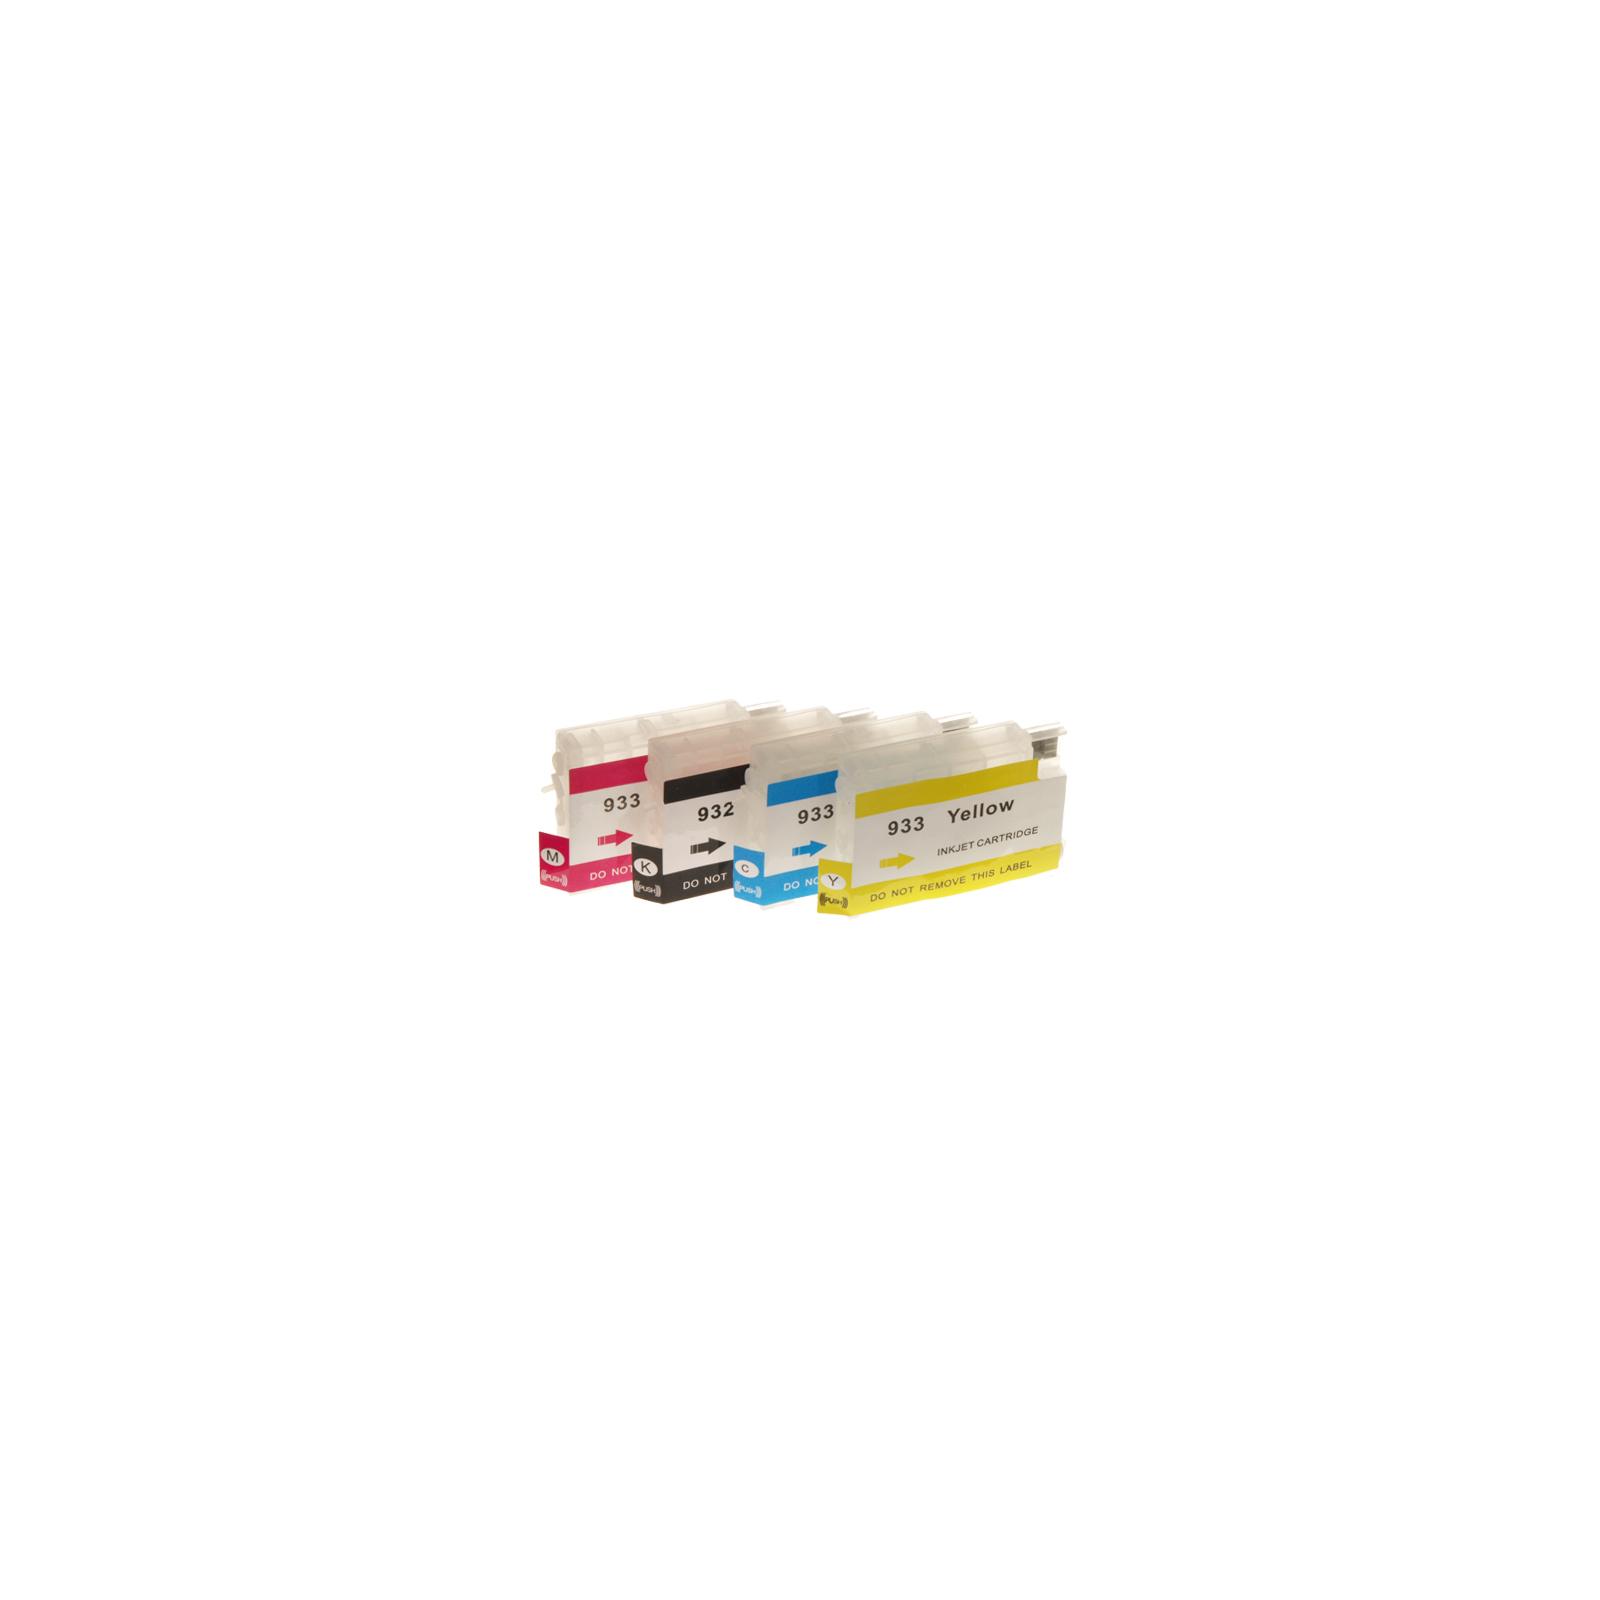 Комплект перезаправляемых картриджей SuperPrint для HP OfficeJet 6100/7610A +АОchip (Refill4-932/933)